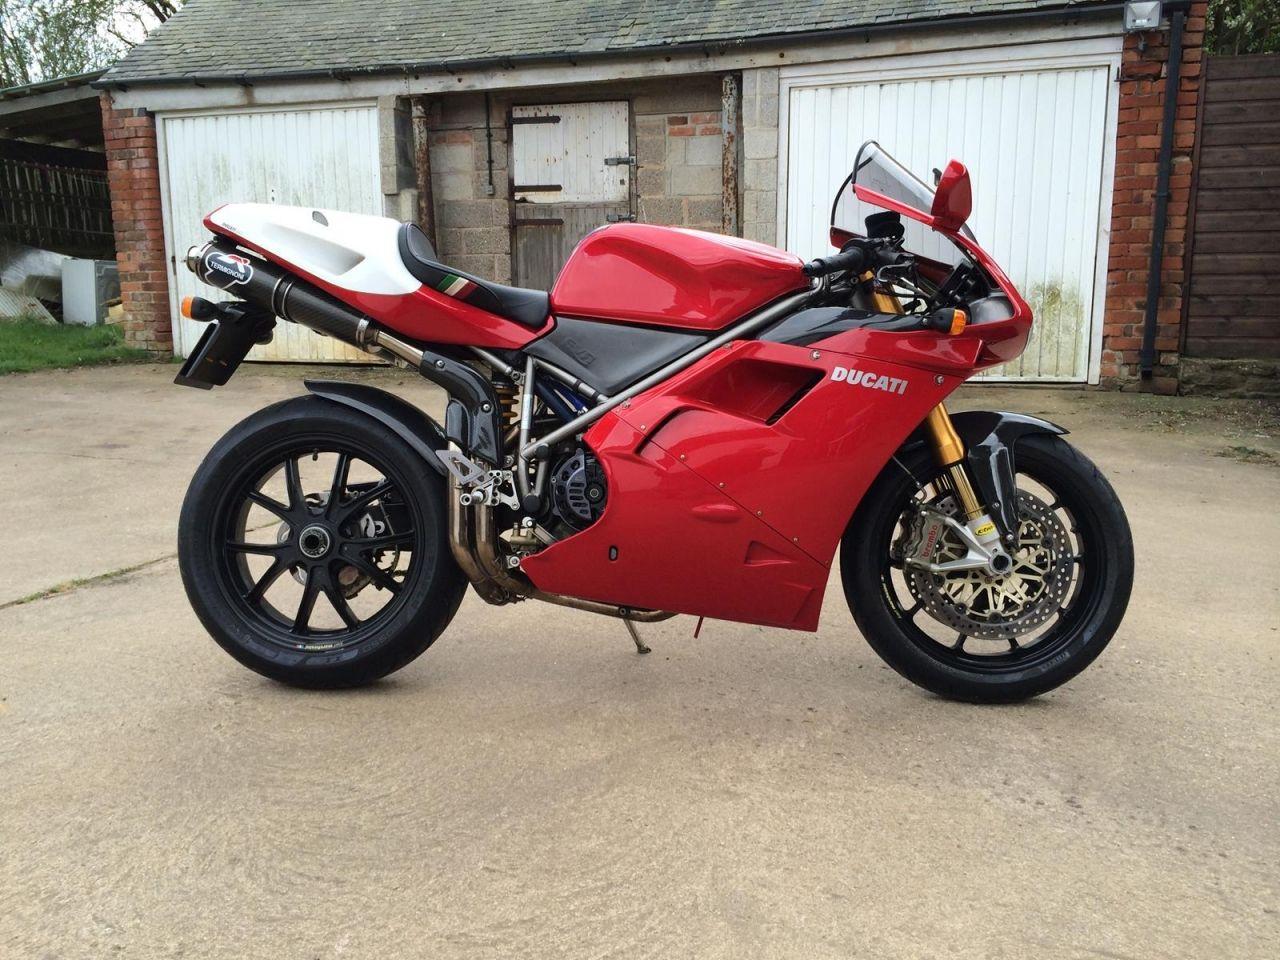 1098s Forks Radial Calipers And Monoblok Brembo Brakes Ducati